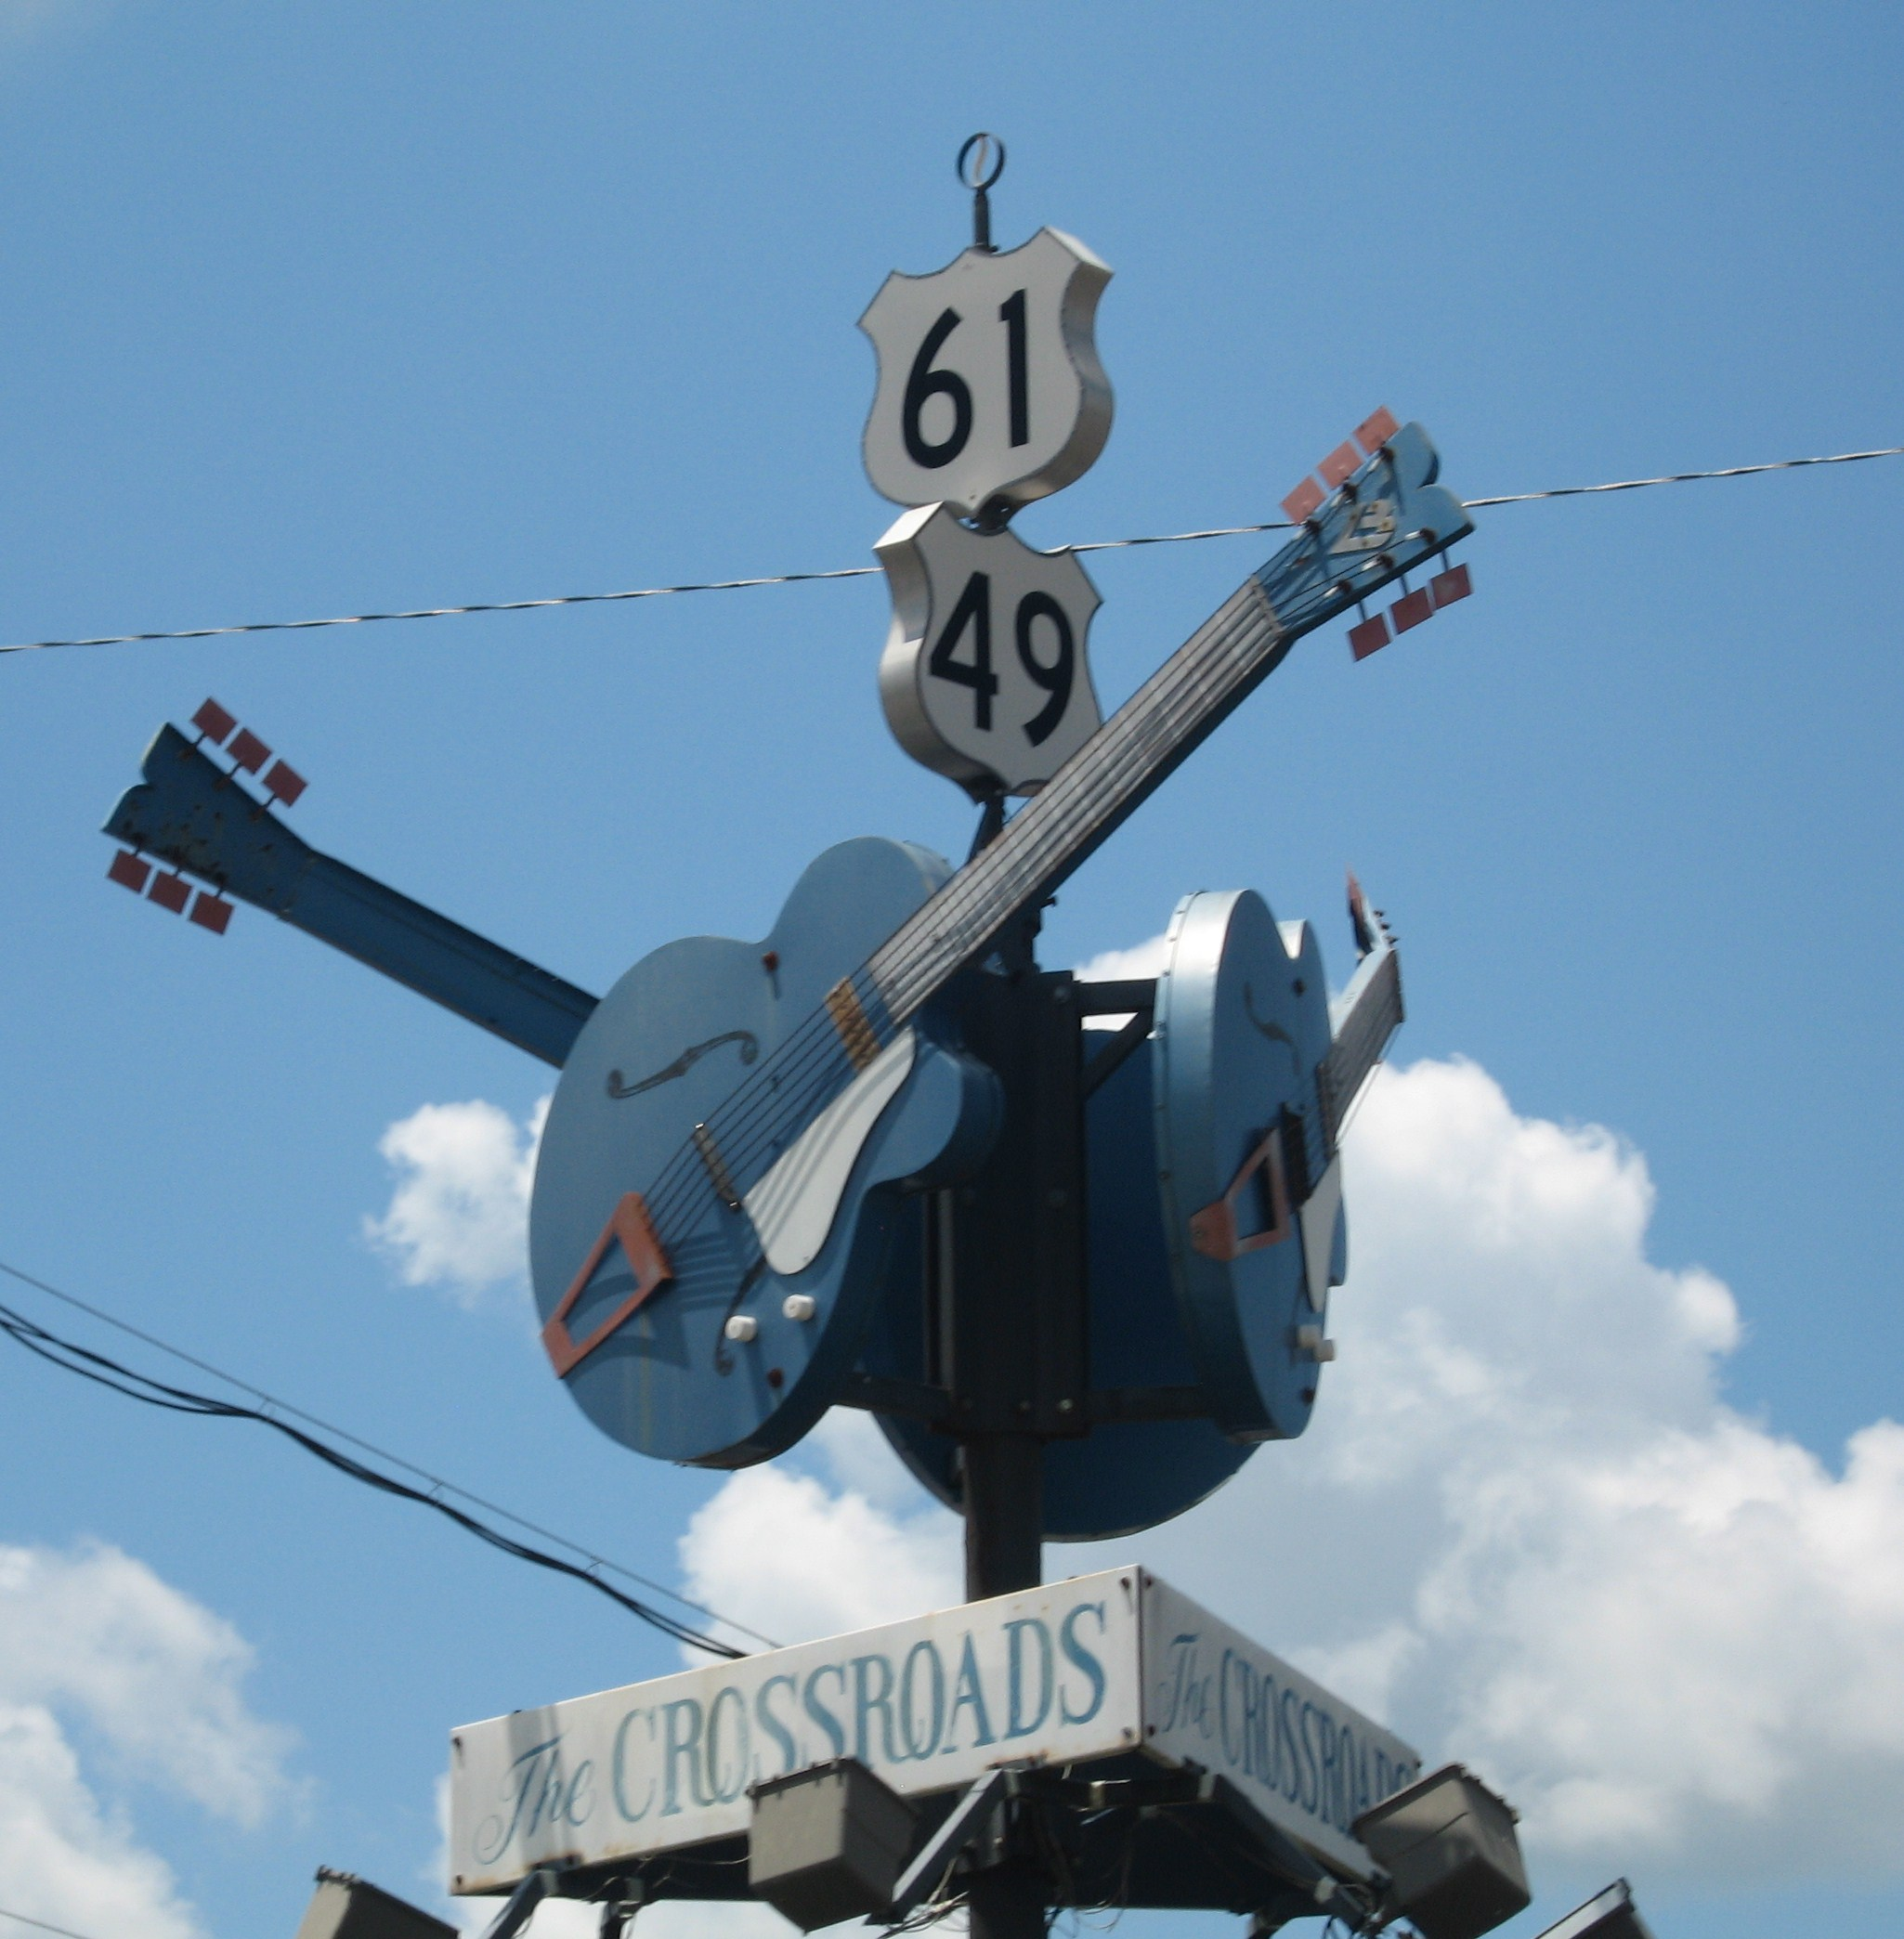 Mississippi coahoma county sherard - Mississippi Coahoma County Sherard 58